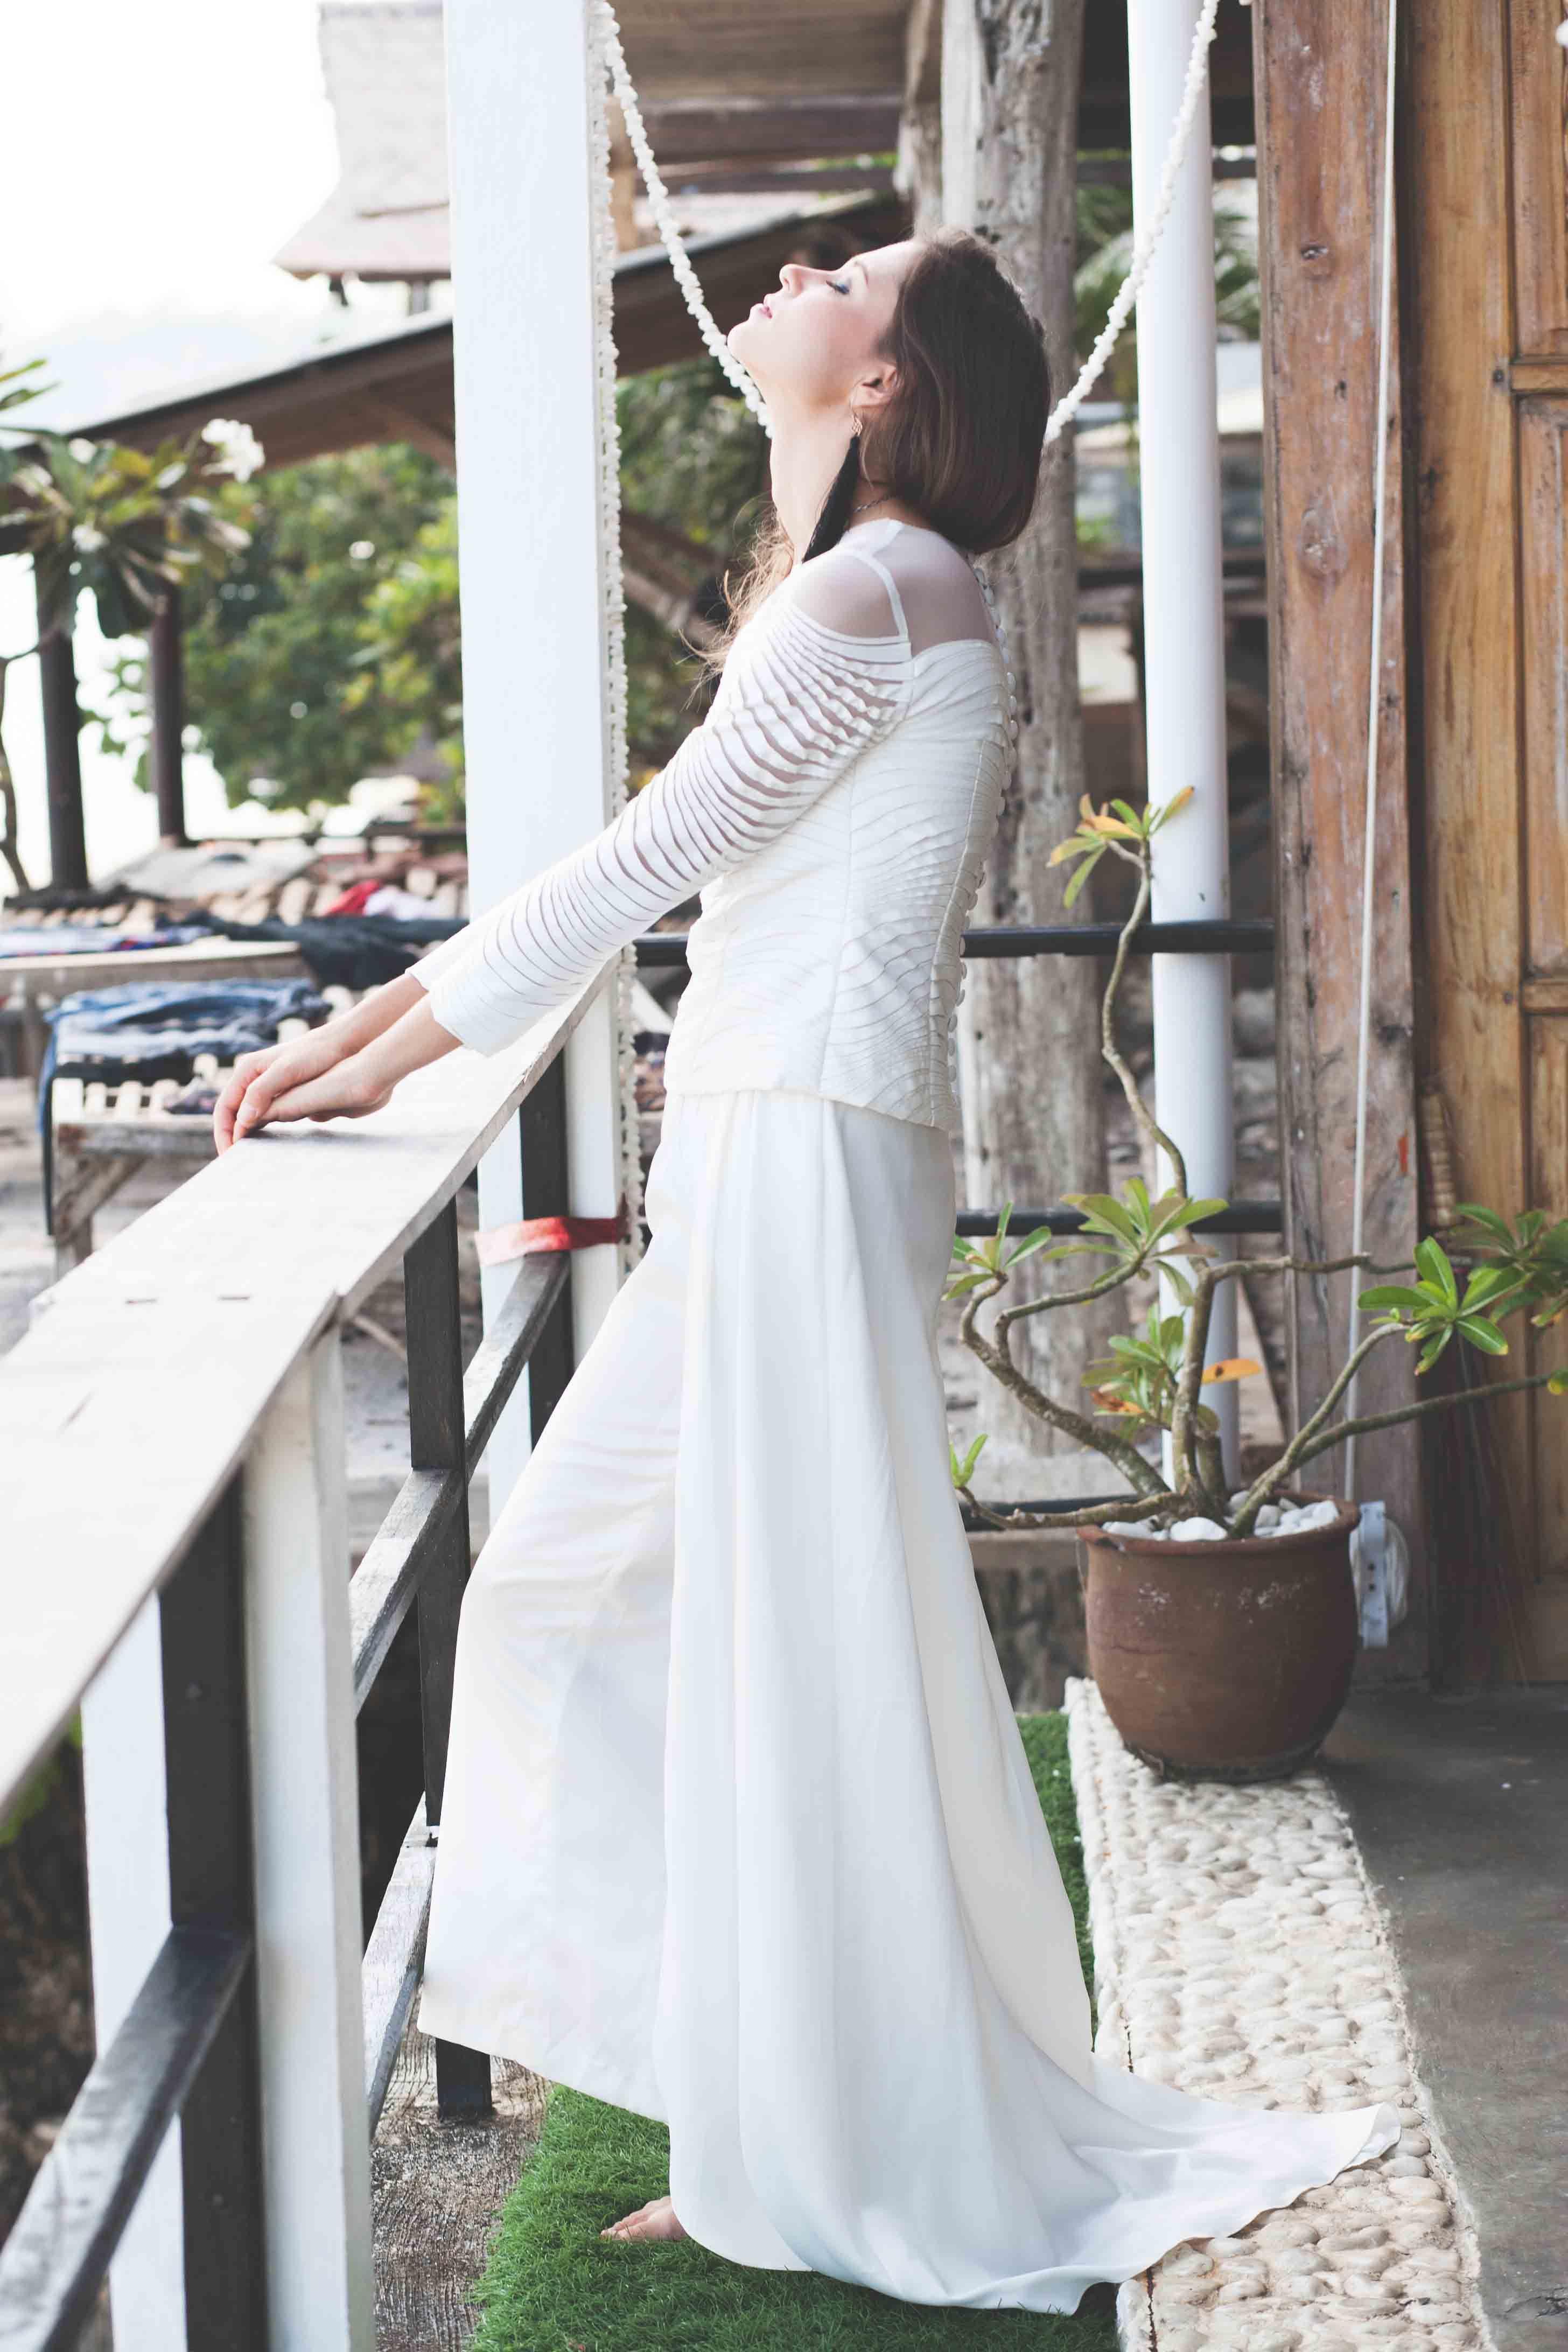 Modern Minimalist And Free Spirited Brides Chic Brides Bride Wedding Dresses [ 4368 x 2912 Pixel ]